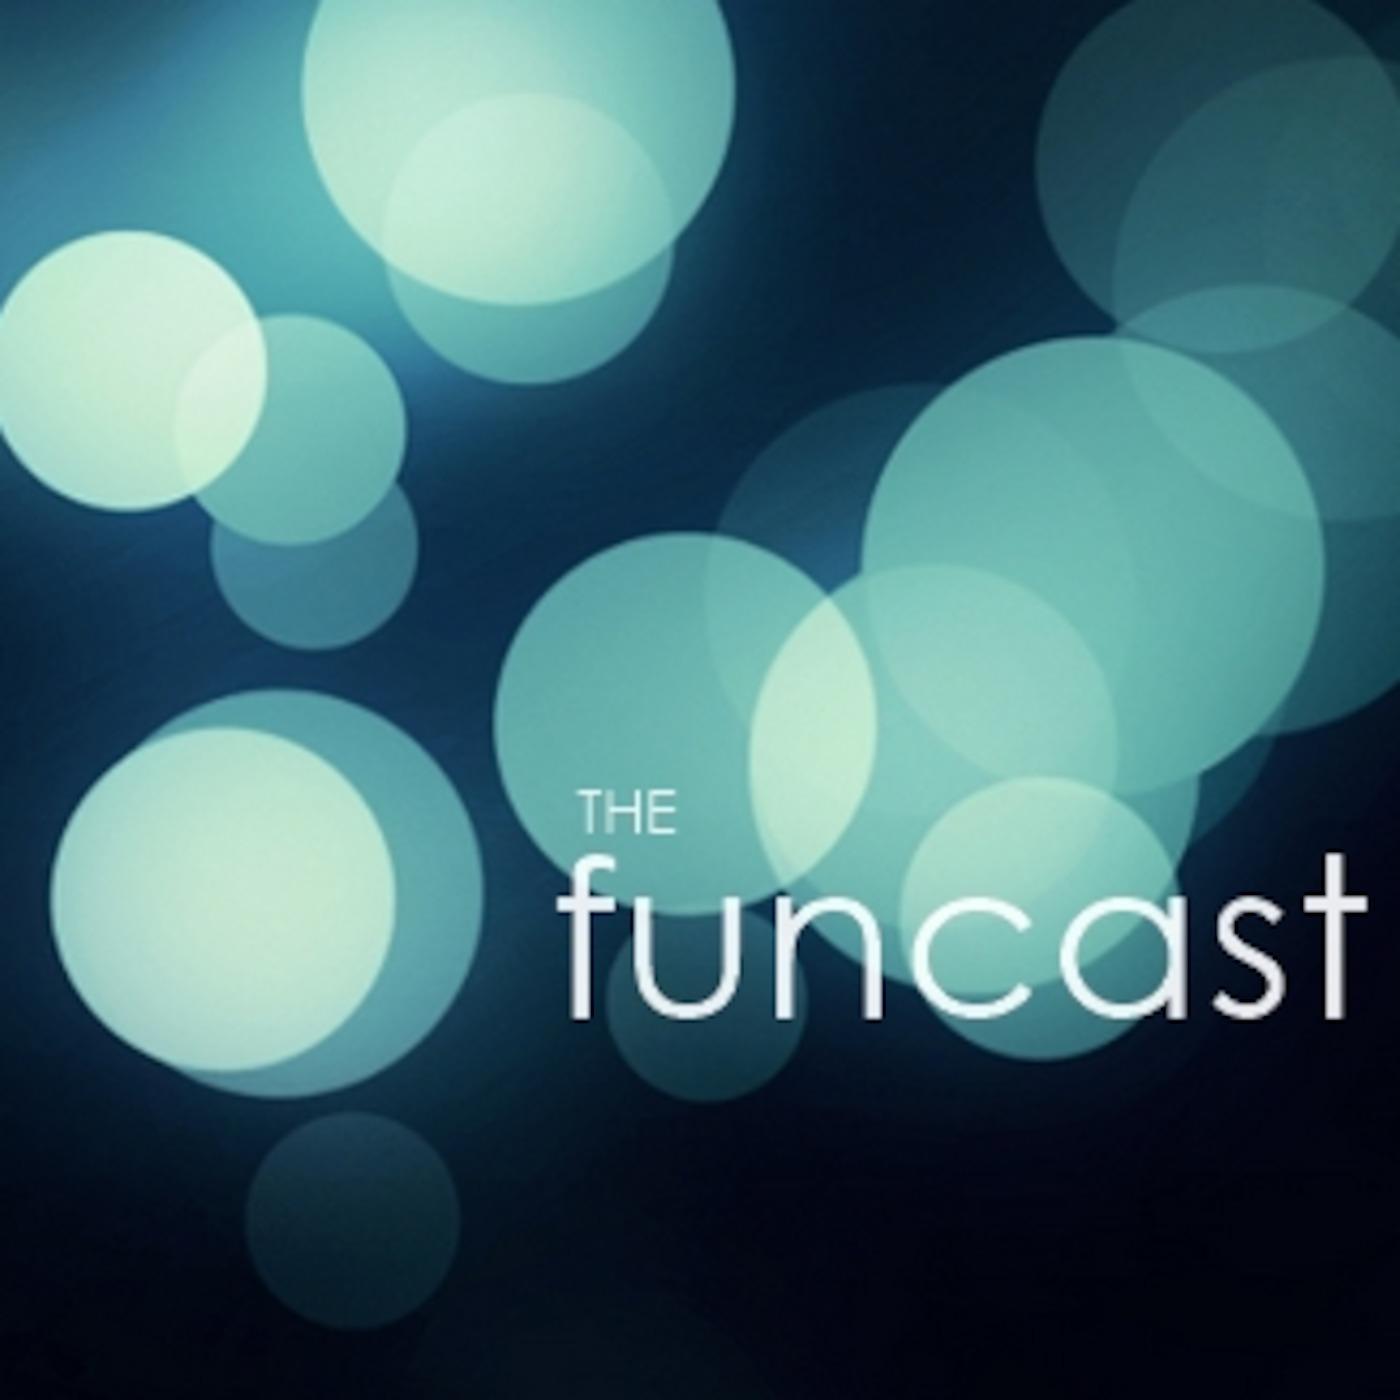 El Funcast